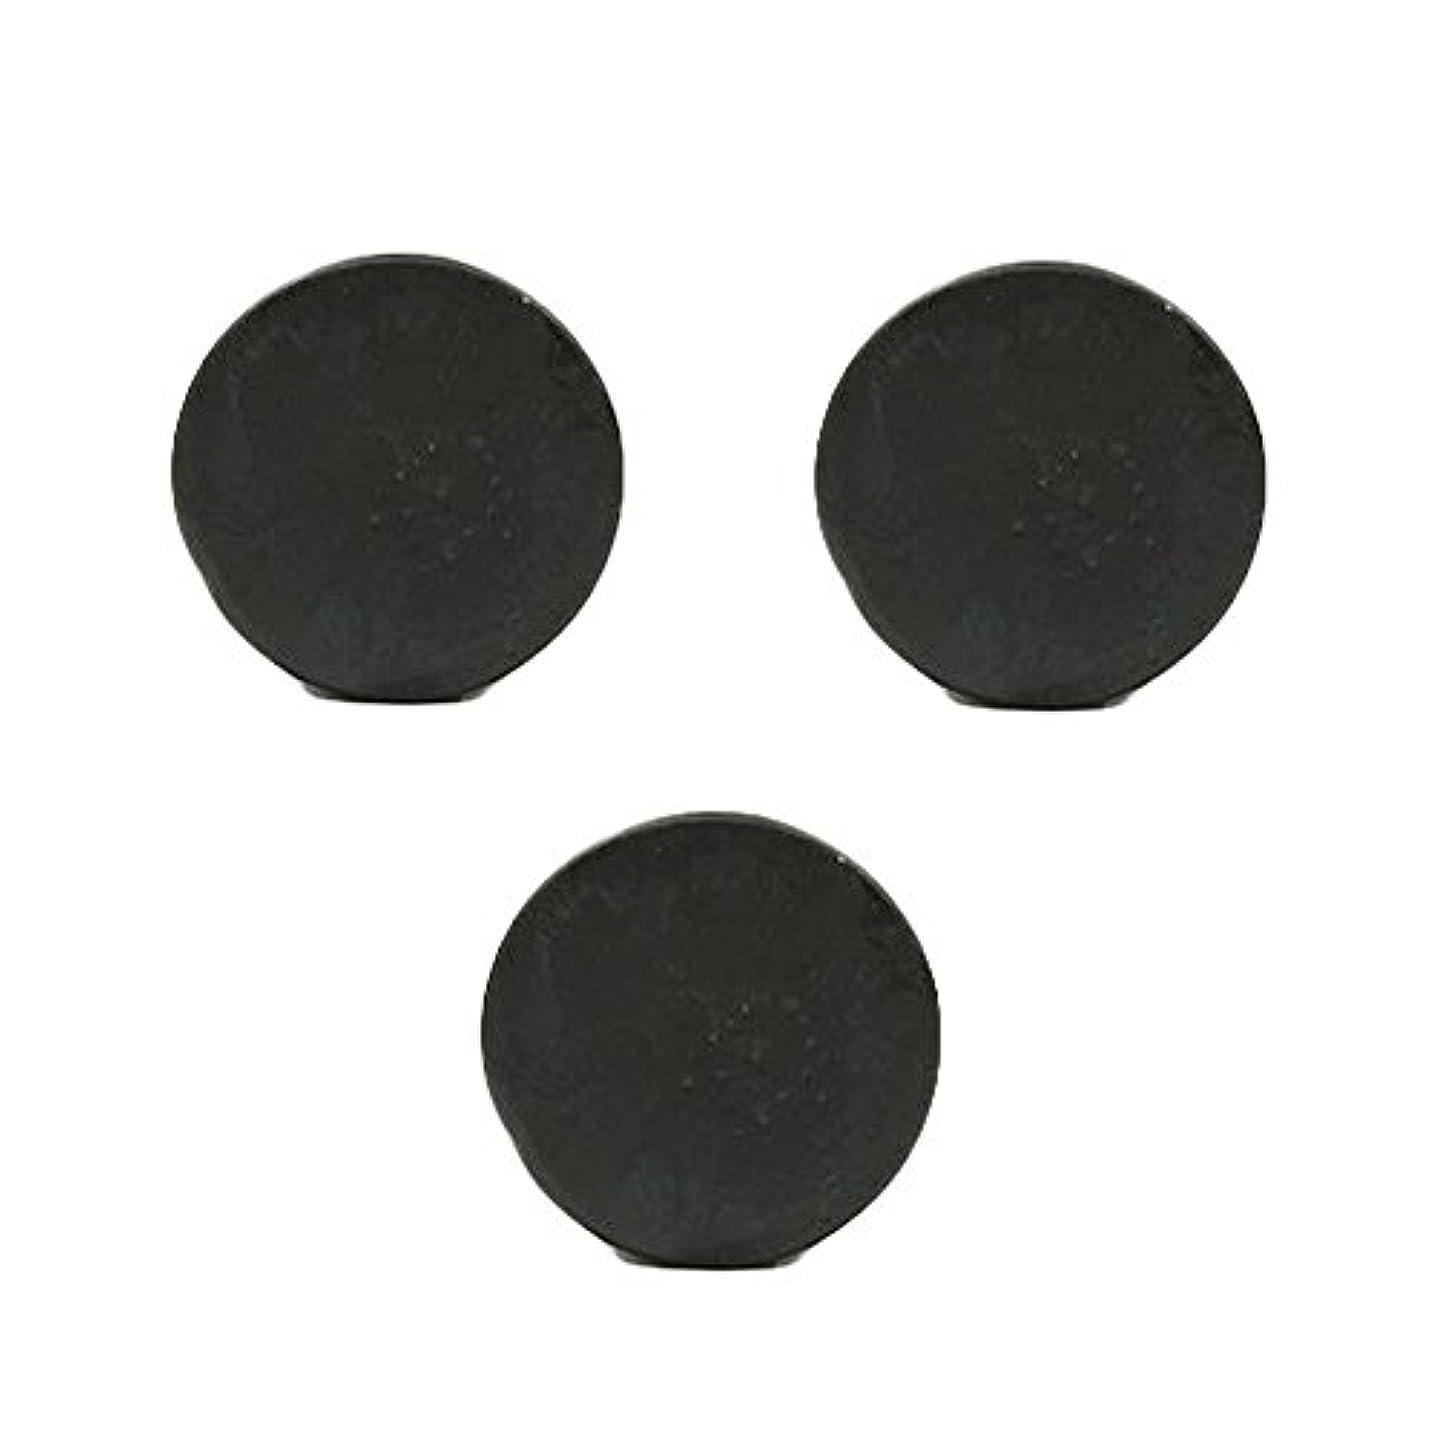 ピーブ役員ポインタ薬用人参クレンジングソープ3個 / Fermented Dark Black Ginseng Cleansing Soap 3pcs[海外直送品] [並行輸入品]